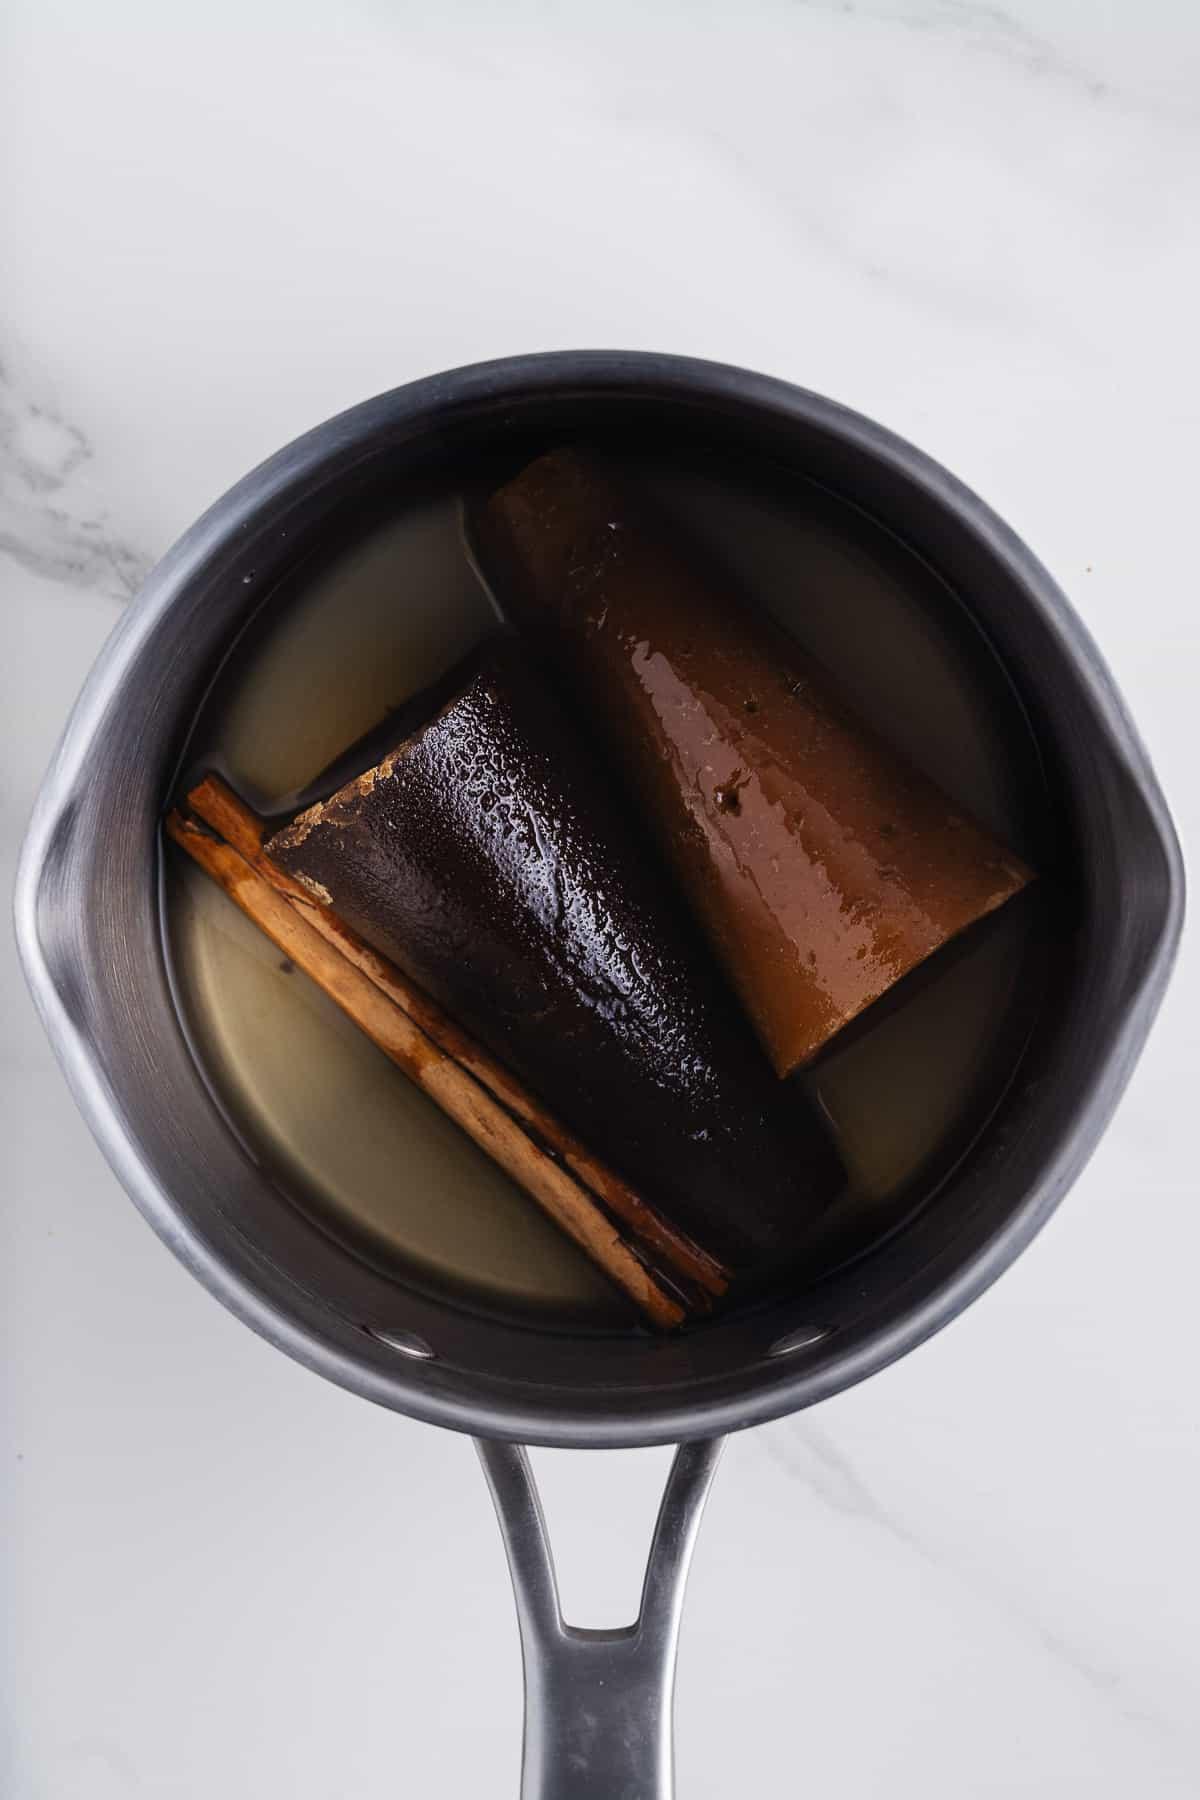 Piloncillo Cones, Cinnamon Stick, and Water in a Saucepan